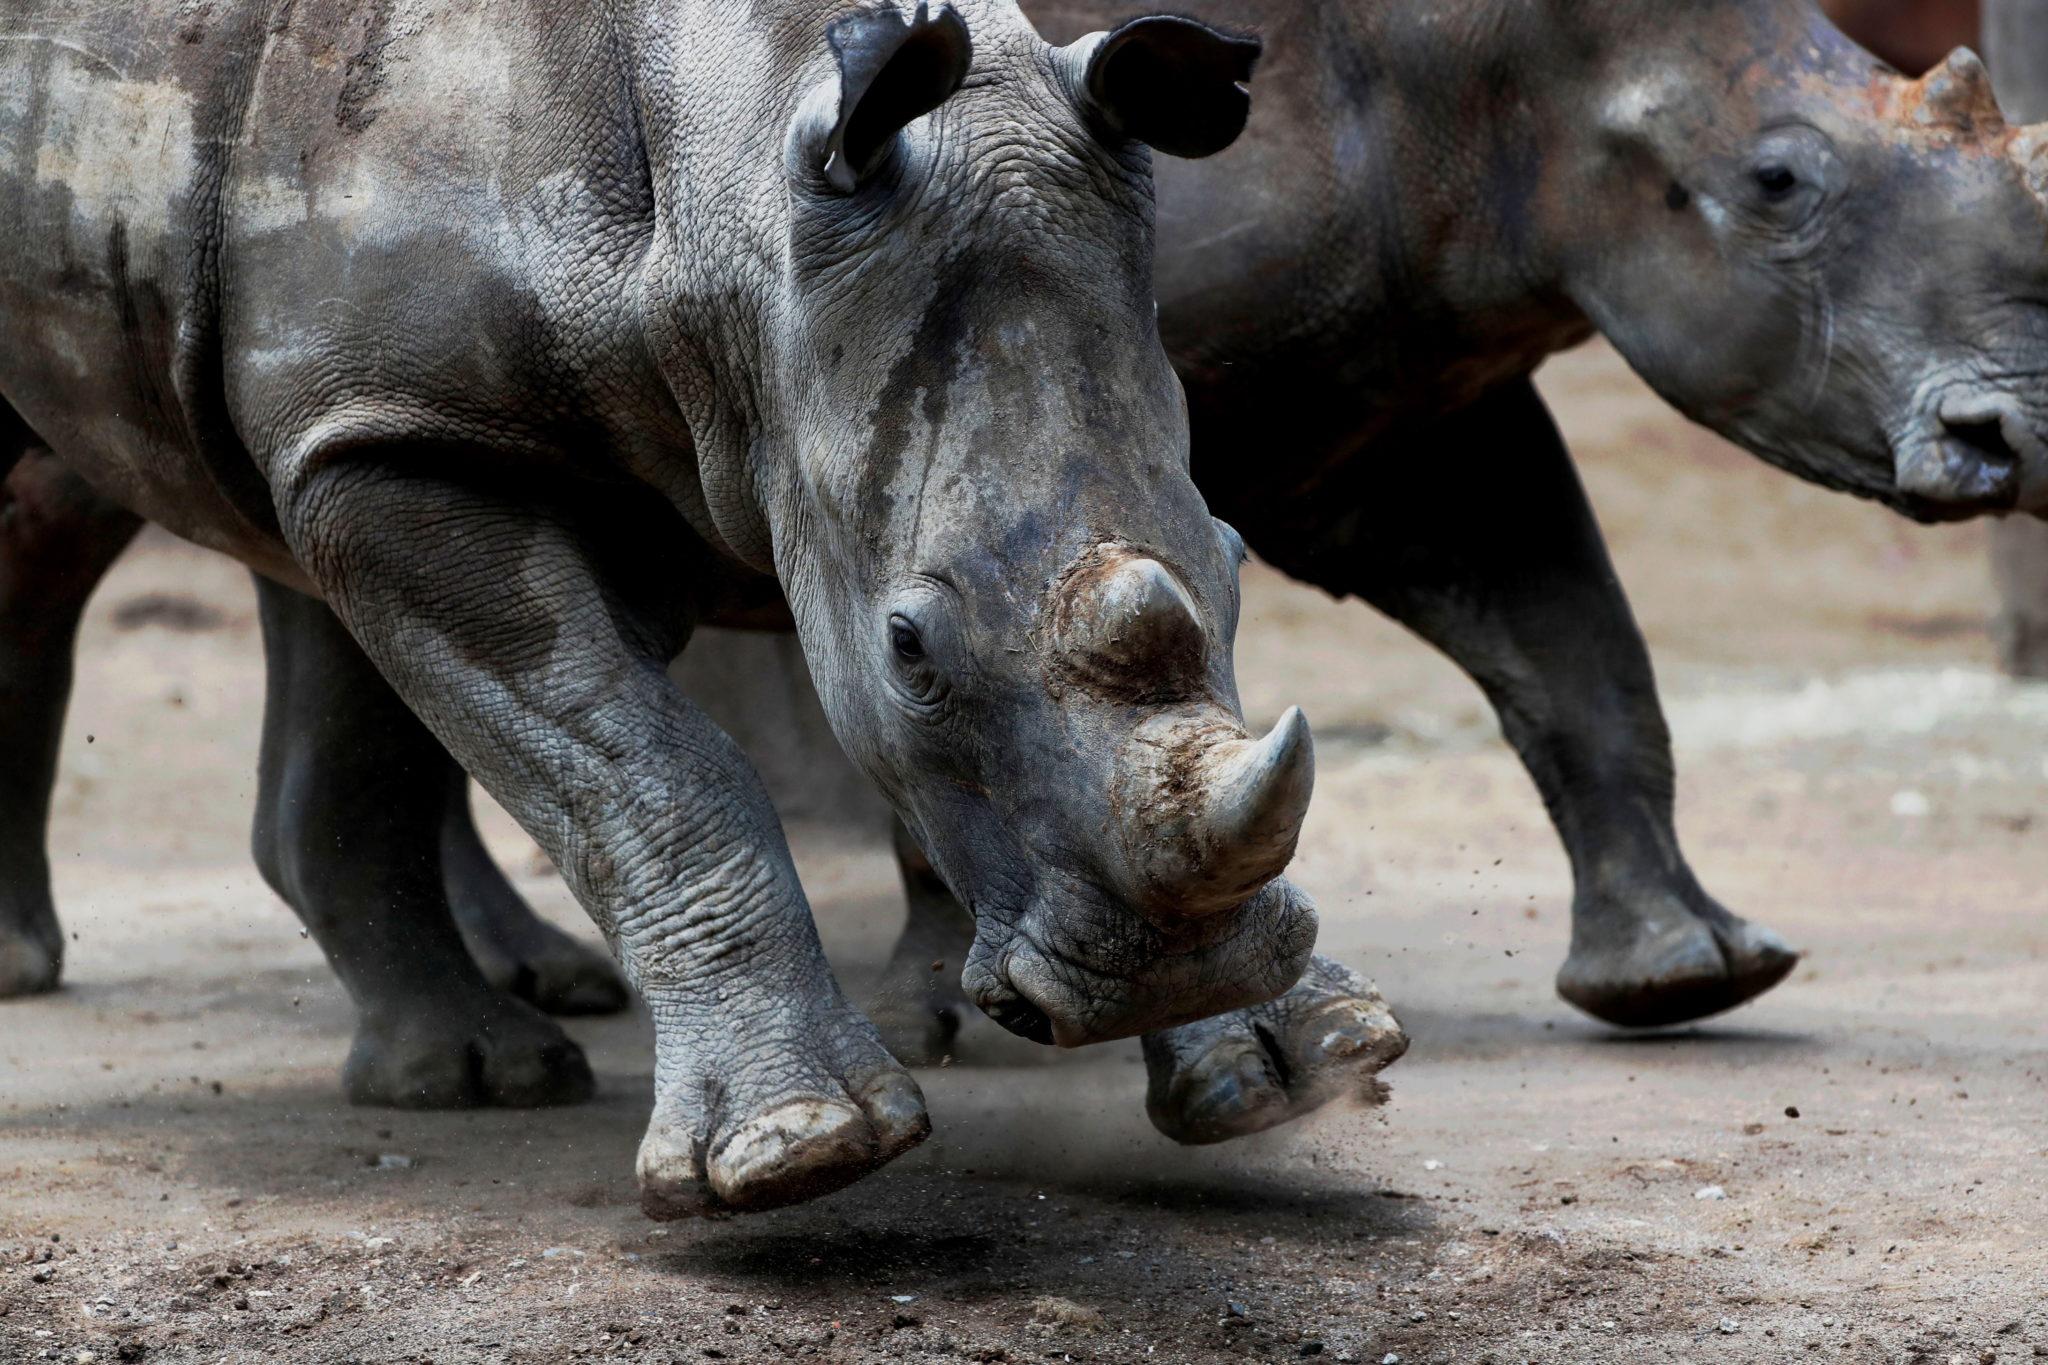 Gwatemala: białe południowoafrykańskie nosorożcce w zoo La Aurora w Guatemala City, fot. Esteban Biba, PAP/EPA